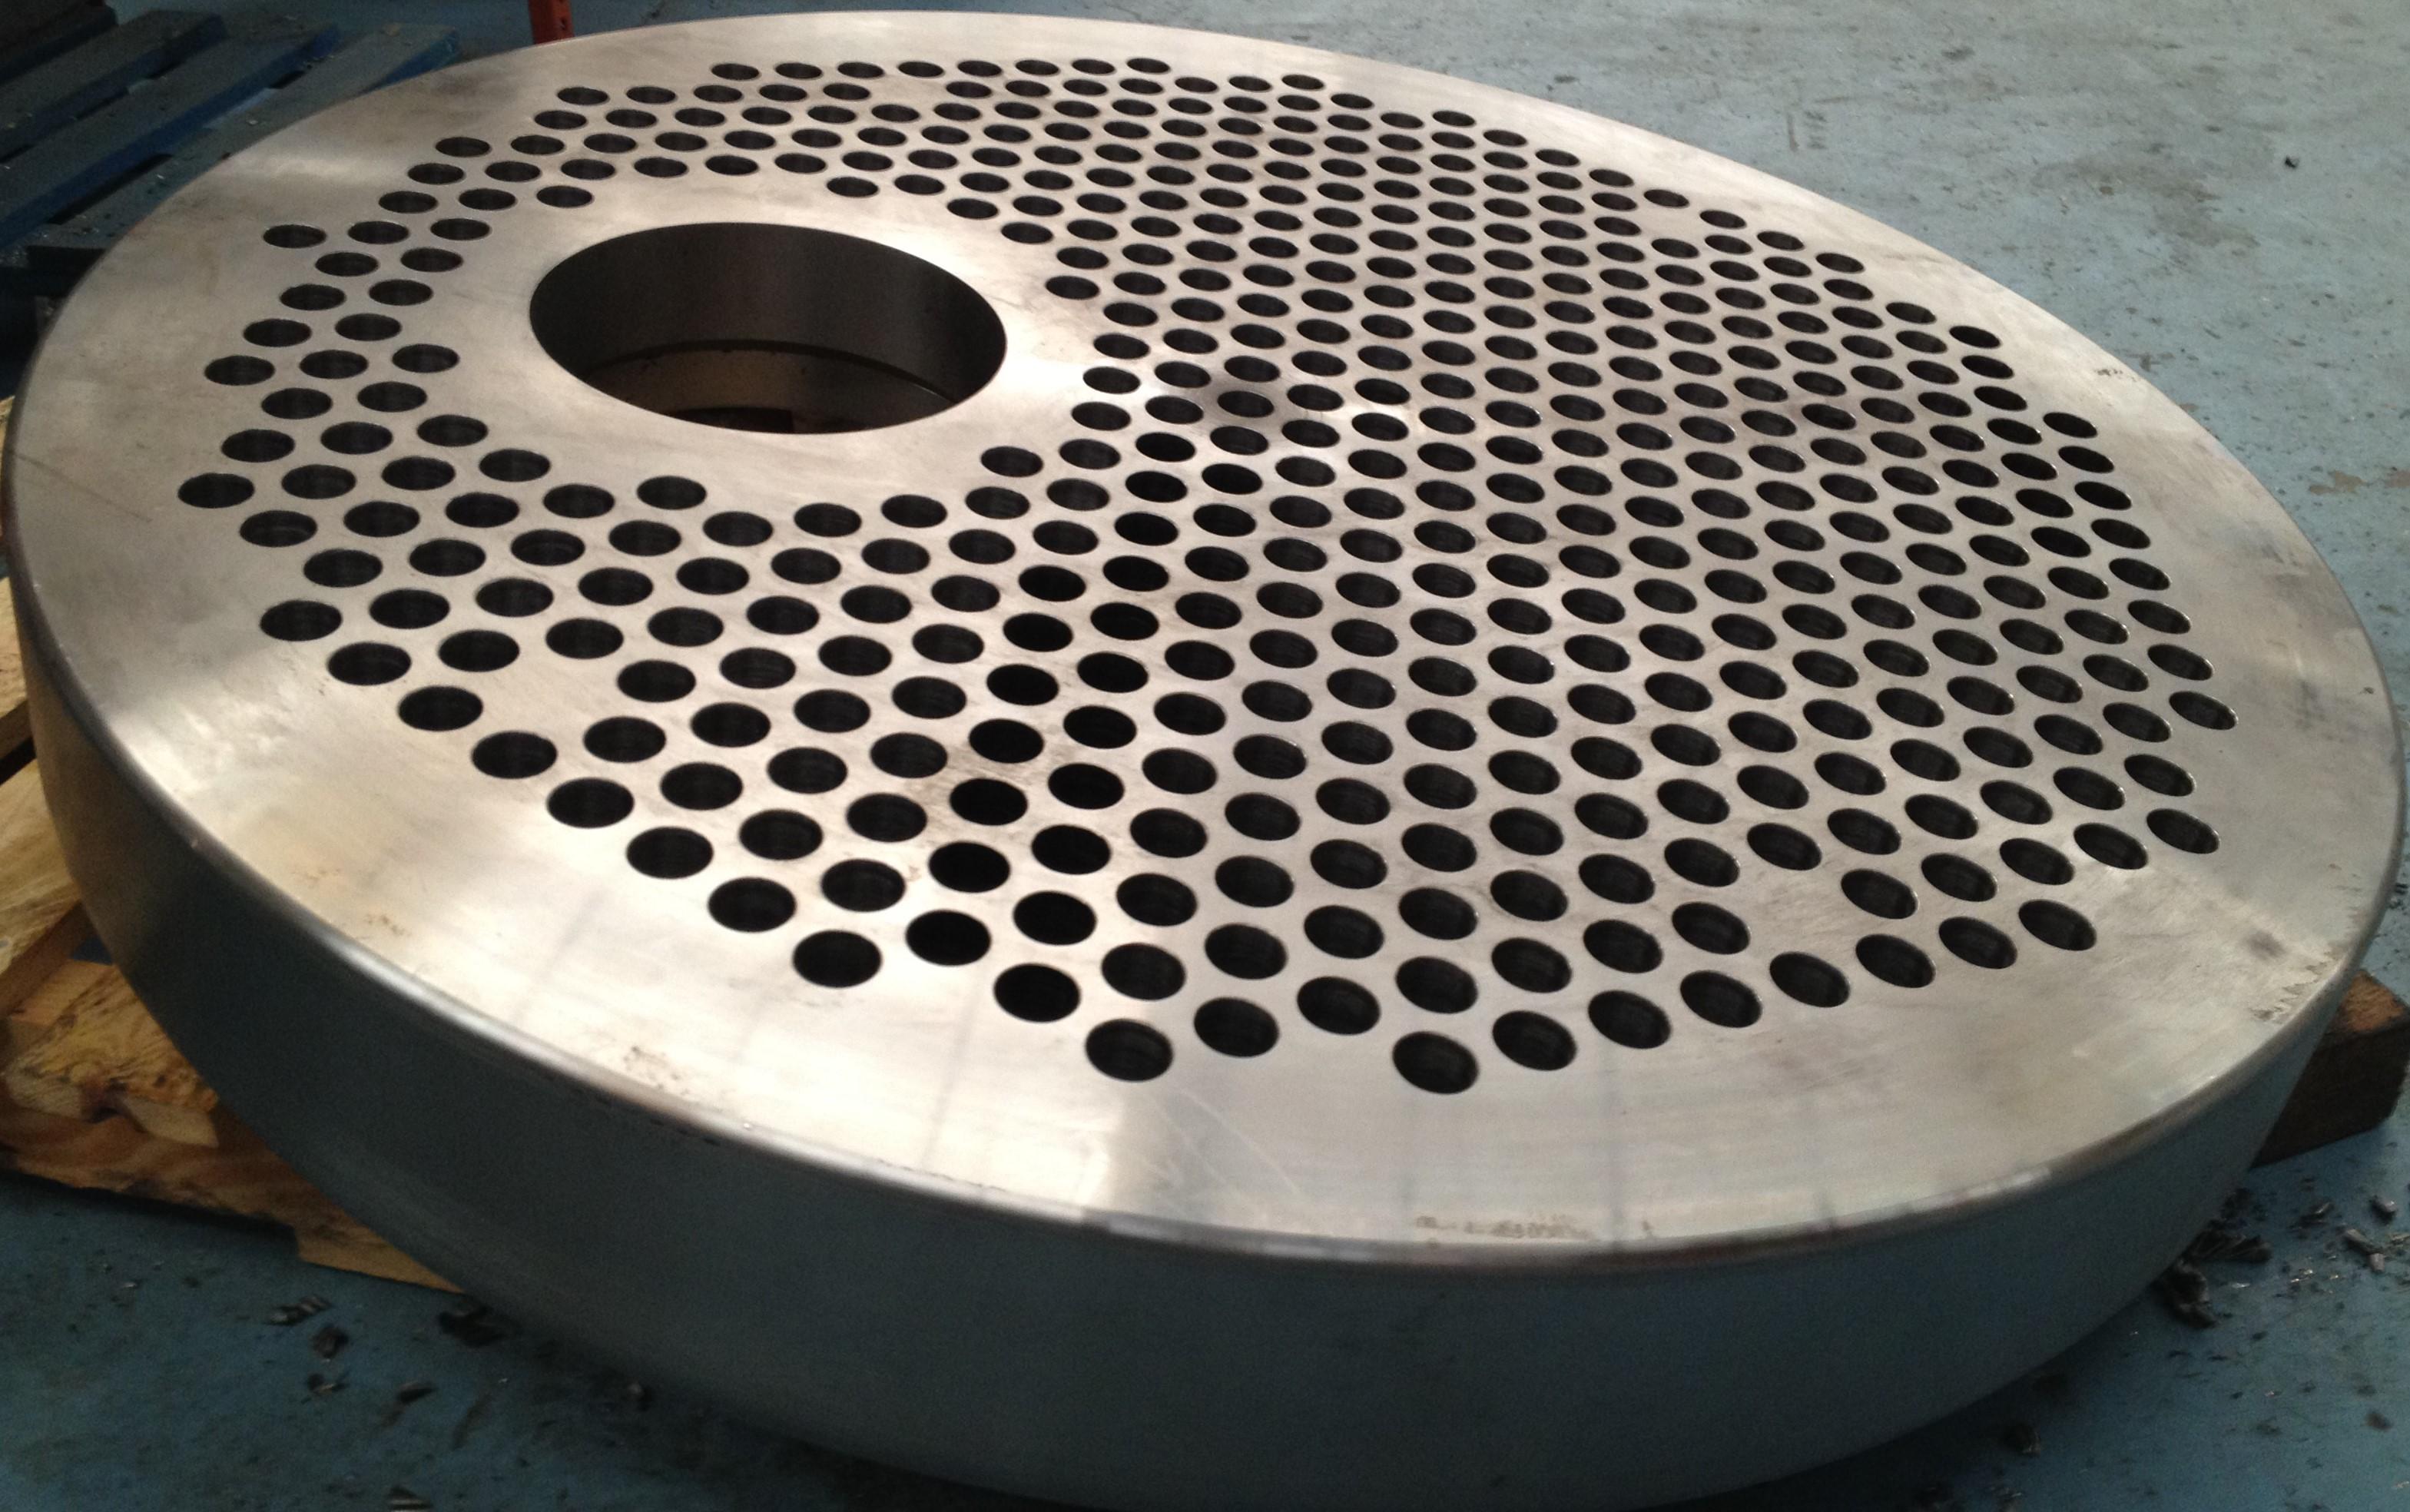 utiles y piezas mecanizadas 7 - Our Projects